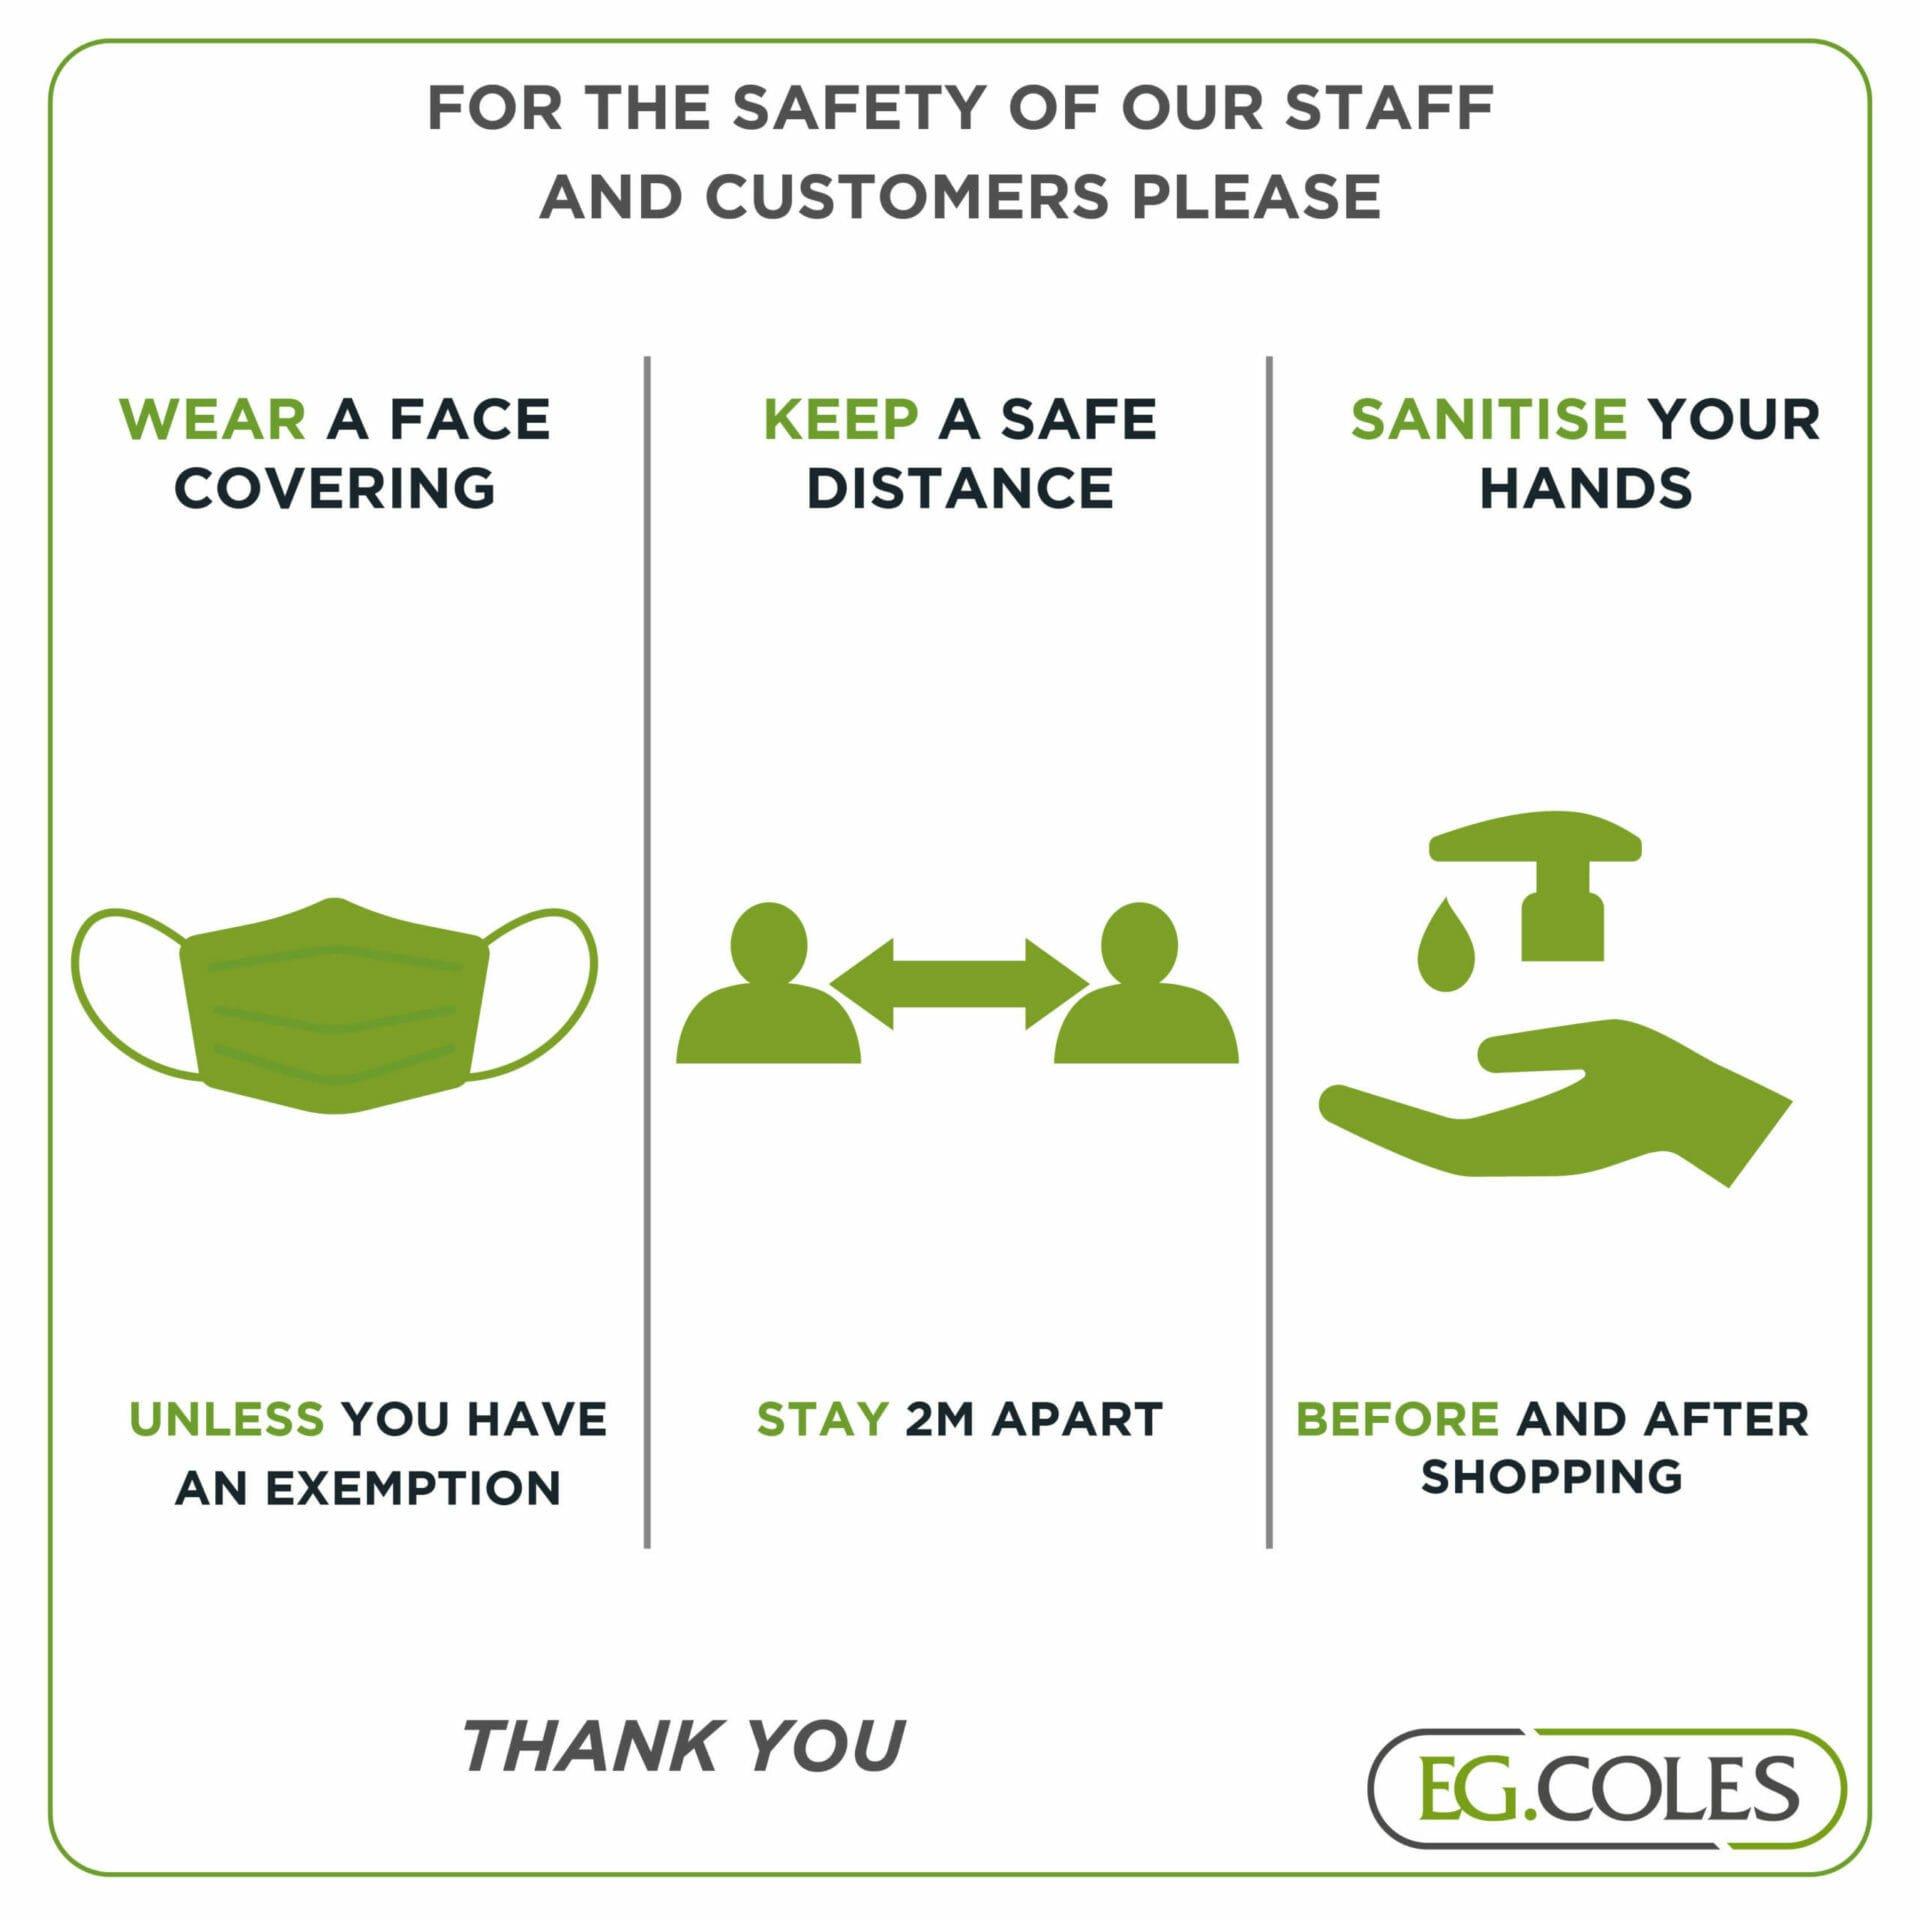 EG Coles Covid Announcement July 2021